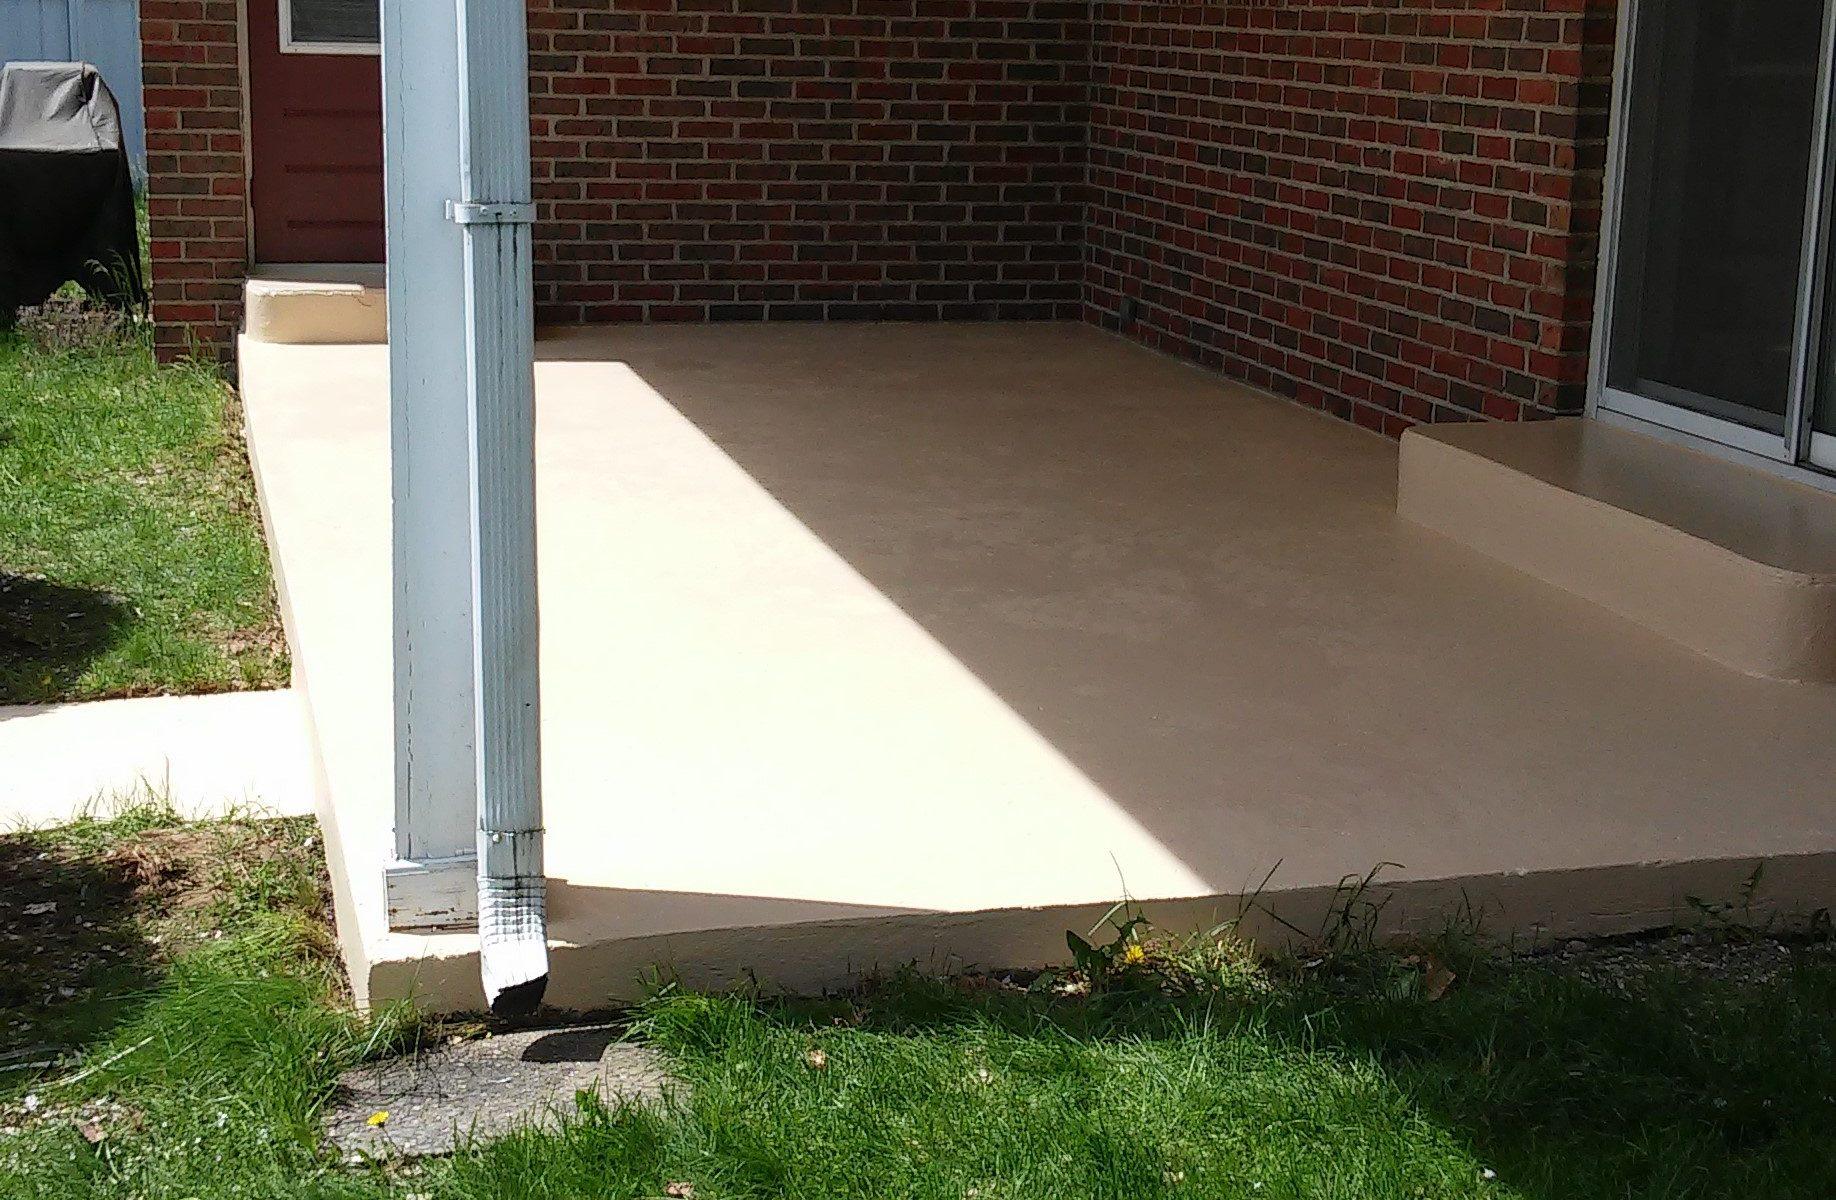 nettoyant terrasse beton nettoyer une terrasse quel produit utiliser pour le nettoyage rgulier. Black Bedroom Furniture Sets. Home Design Ideas